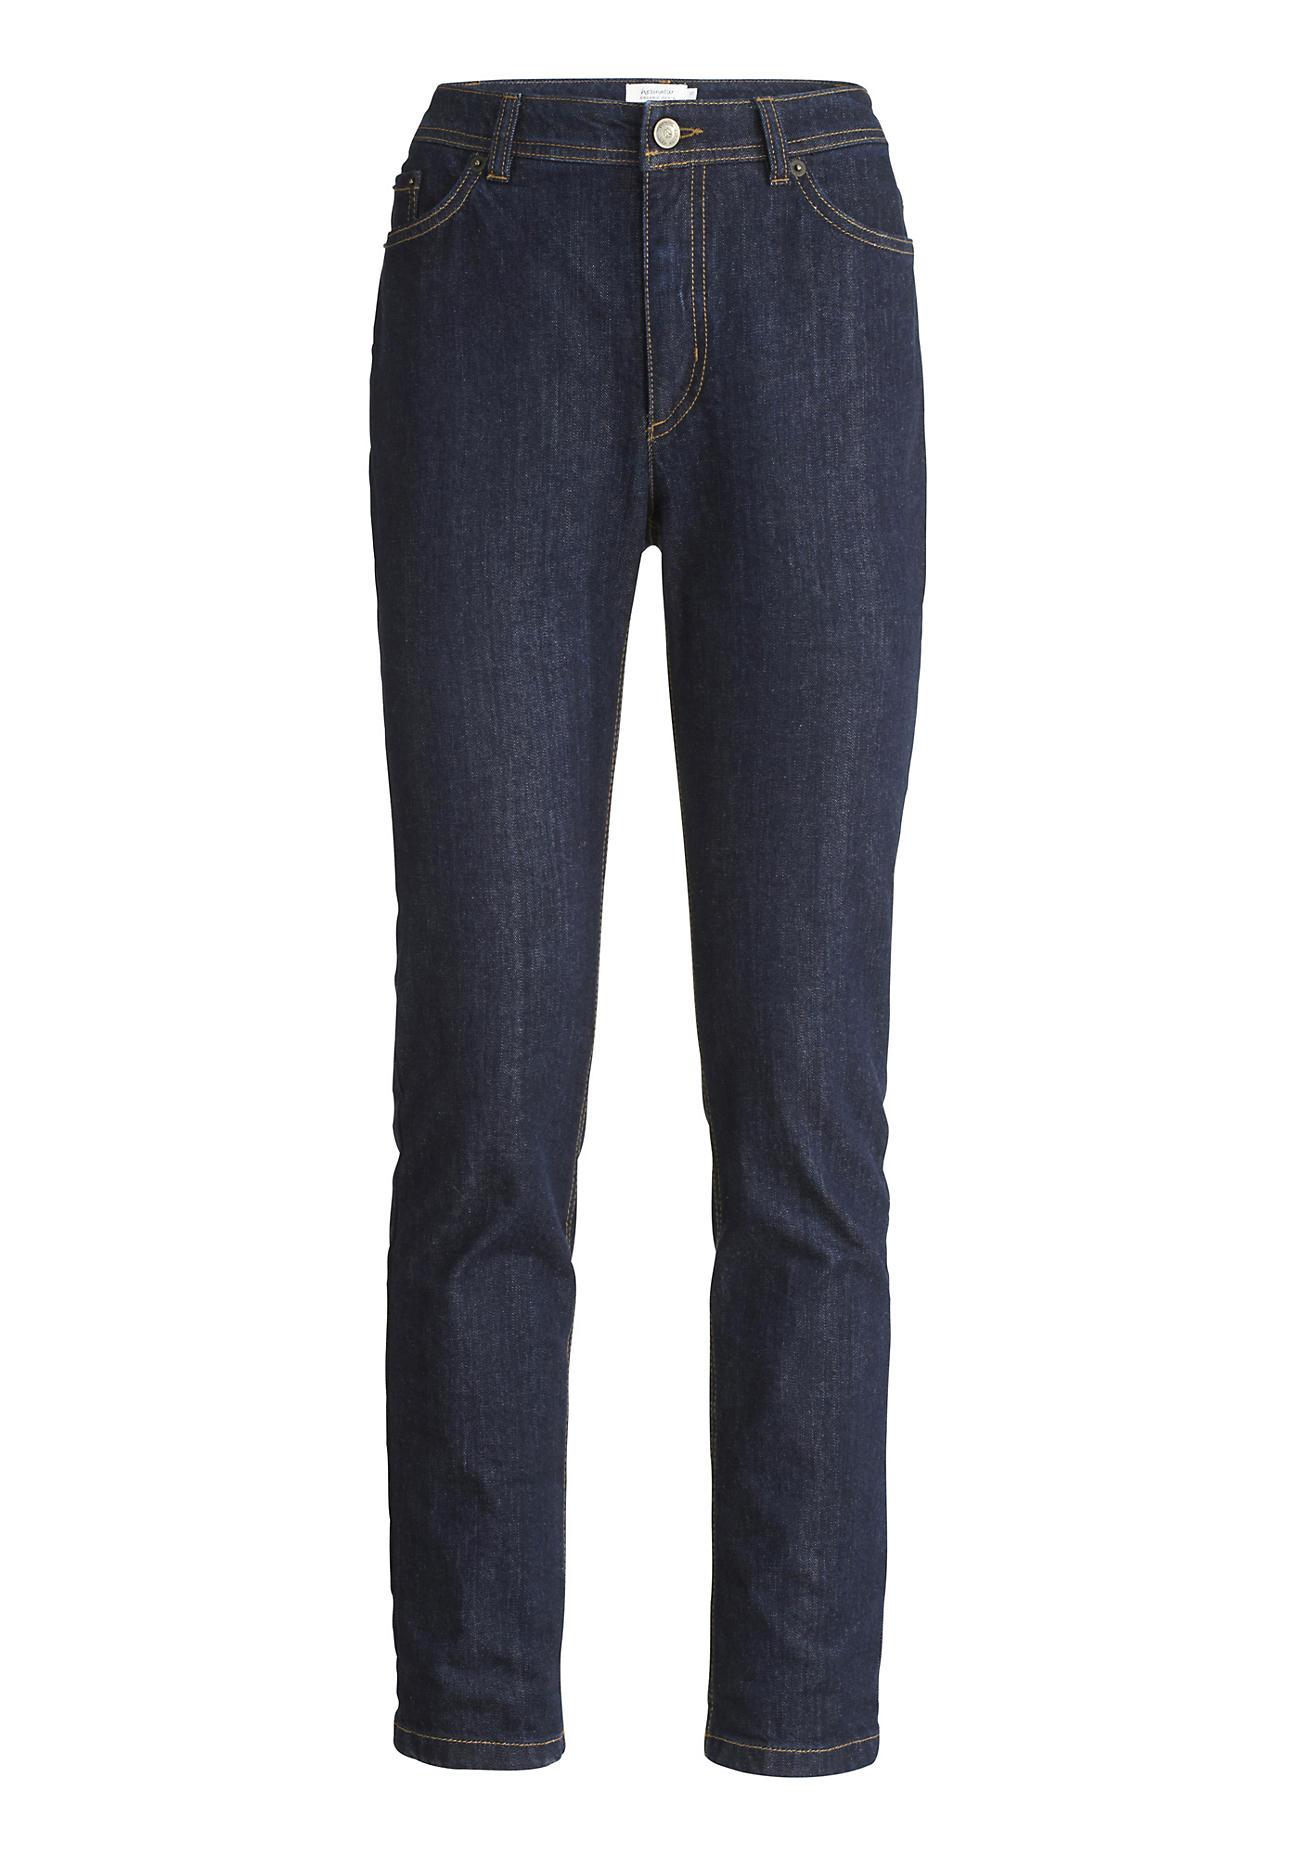 Hosen für Frauen - hessnatur Damen Jeans Slim Fit Mid Waist aus Bio Denim – blau –  - Onlineshop Hessnatur